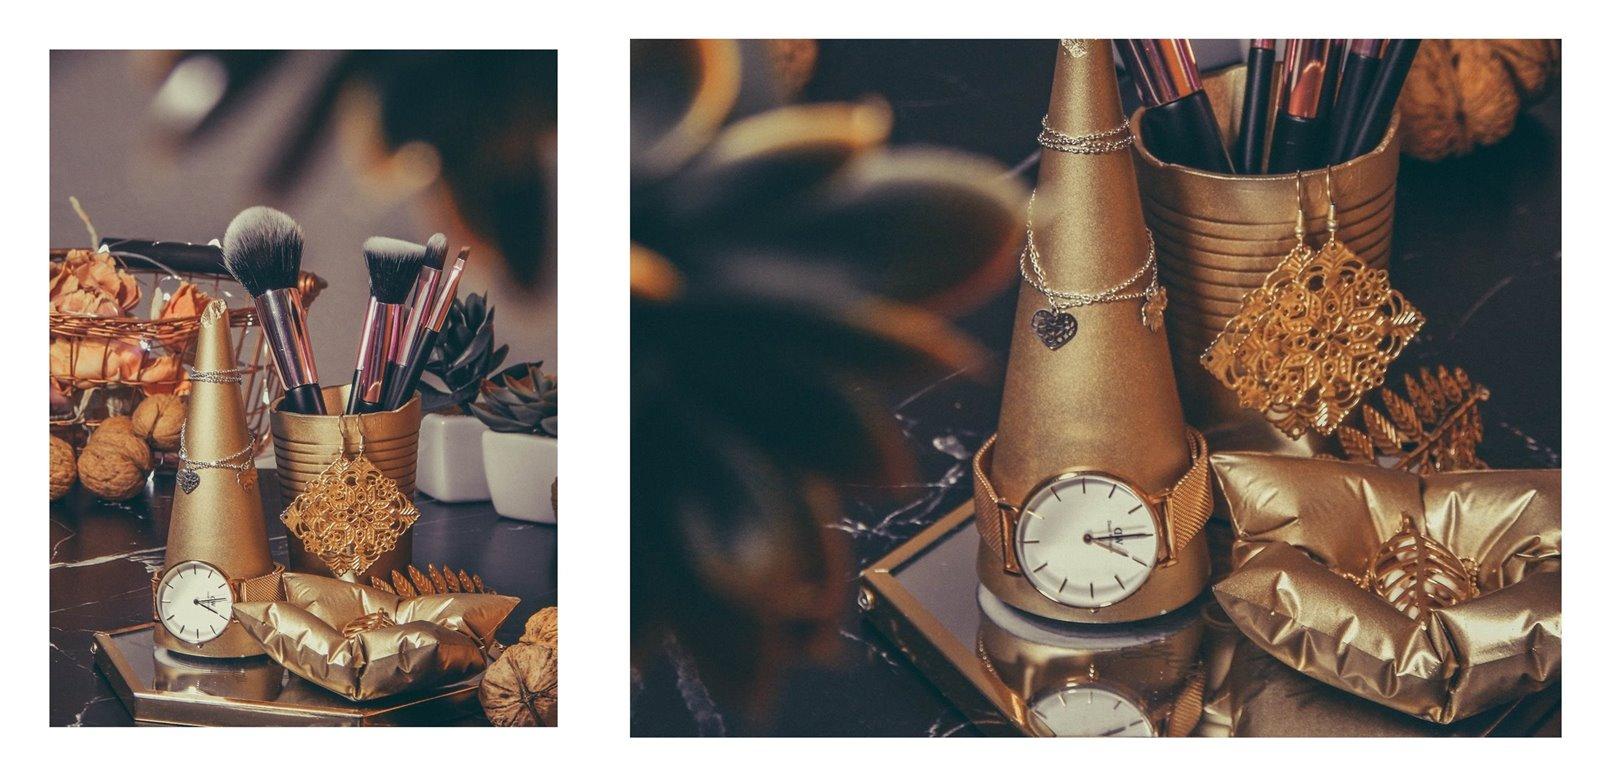 2a contit stylowe złote dodatki do wnętrz stojak na bizuterię jak przechowywać biżuterię nowoczesne dekoracje pomysł na prezent łódzkie upominki prezenty na gwiazdkę co kupić dziewczynie na urodziny, na święta